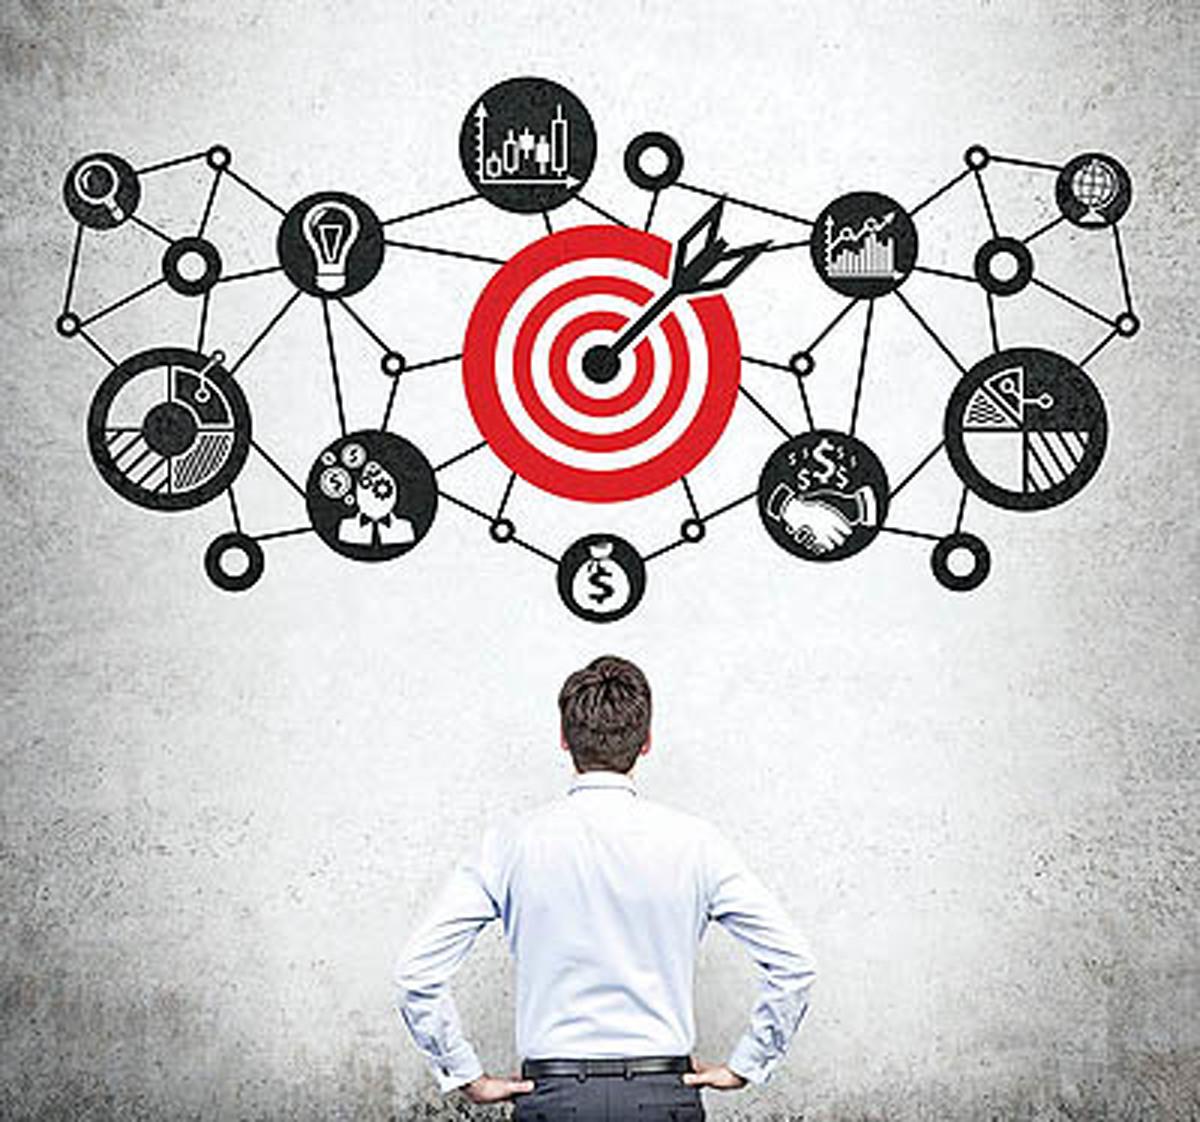 حرفهای سازی یک کسبوکار نوپا و اجتناب از شکست